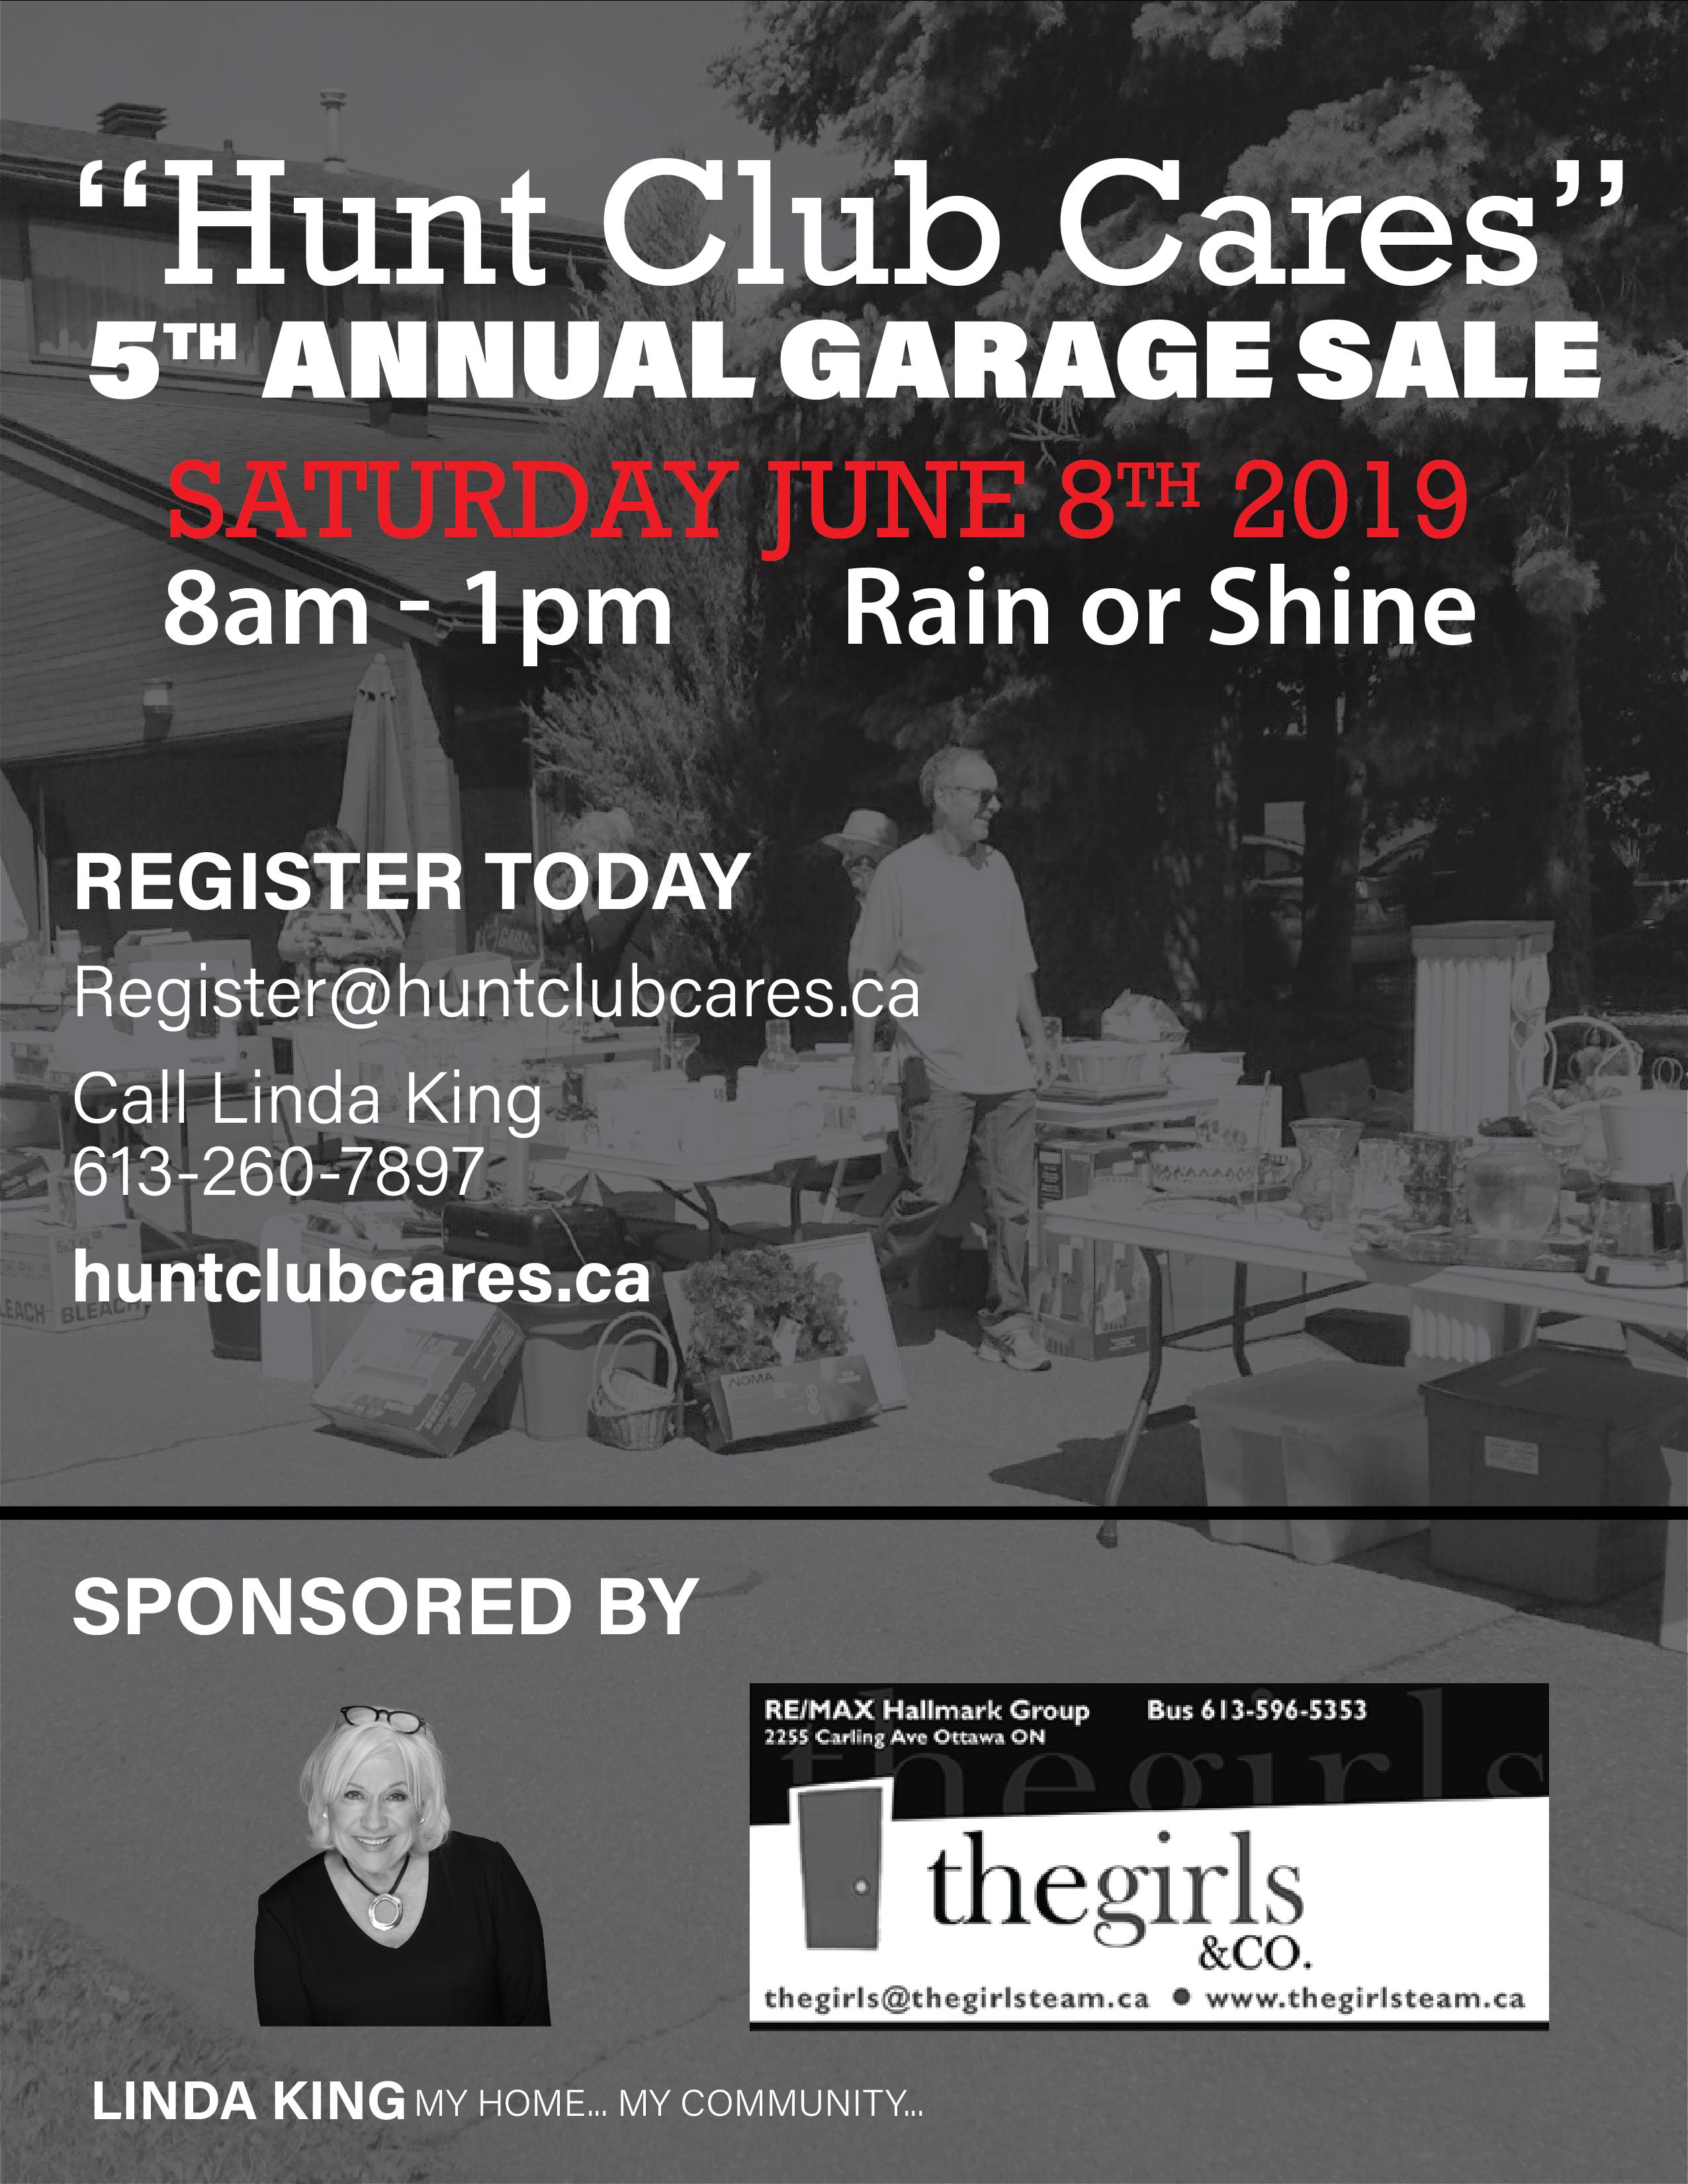 2019 hunt club cares garage sale flyer